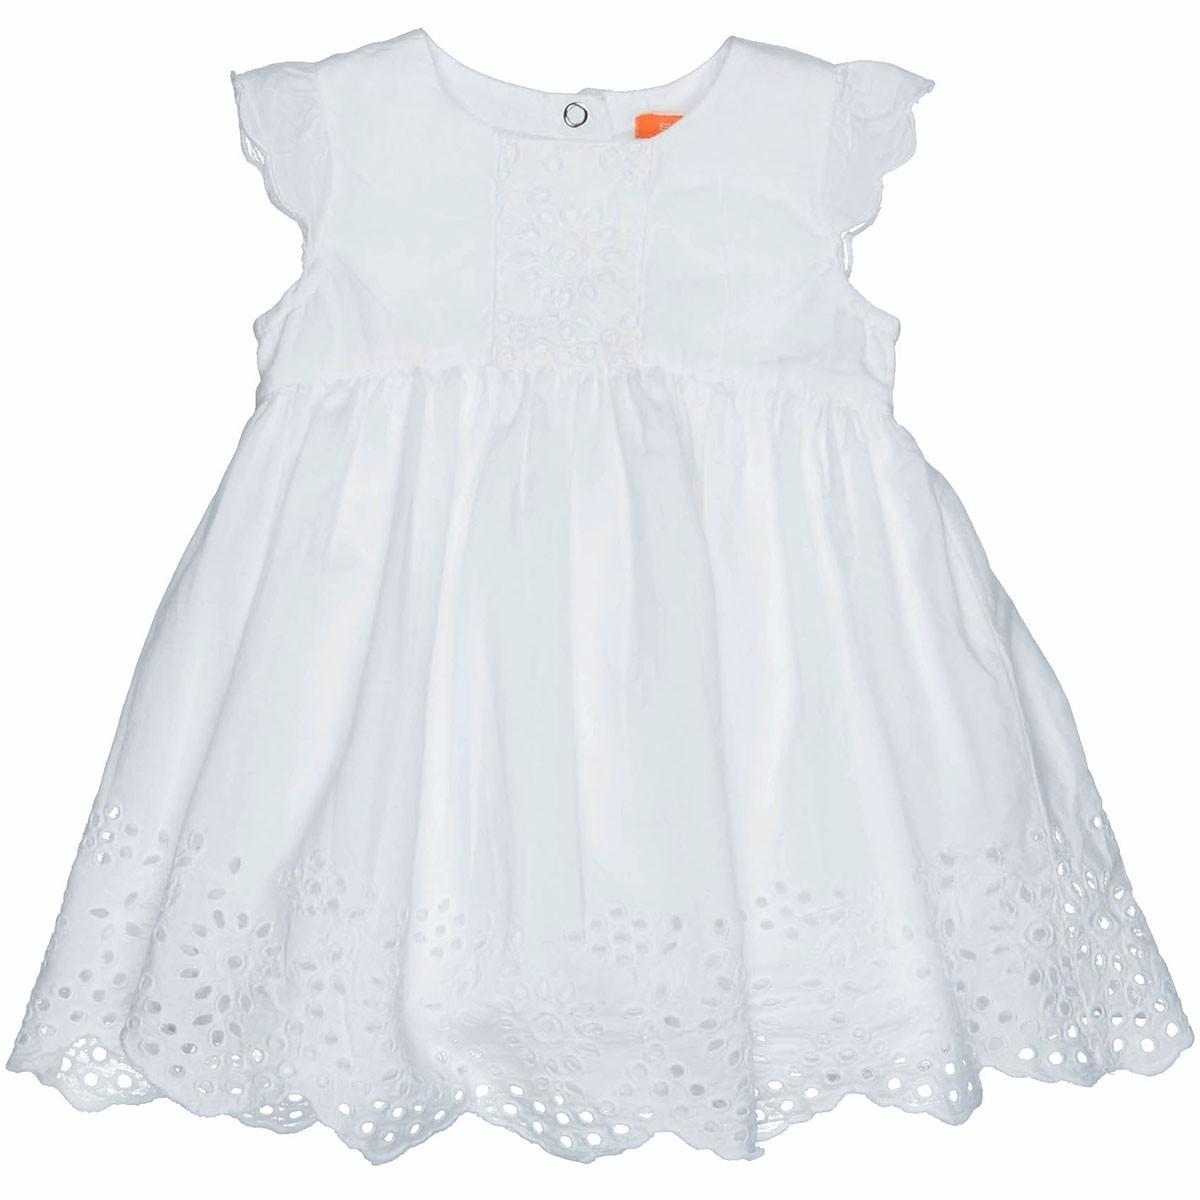 15 Leicht Kleid Weiß Ärmel15 Coolste Kleid Weiß Bester Preis